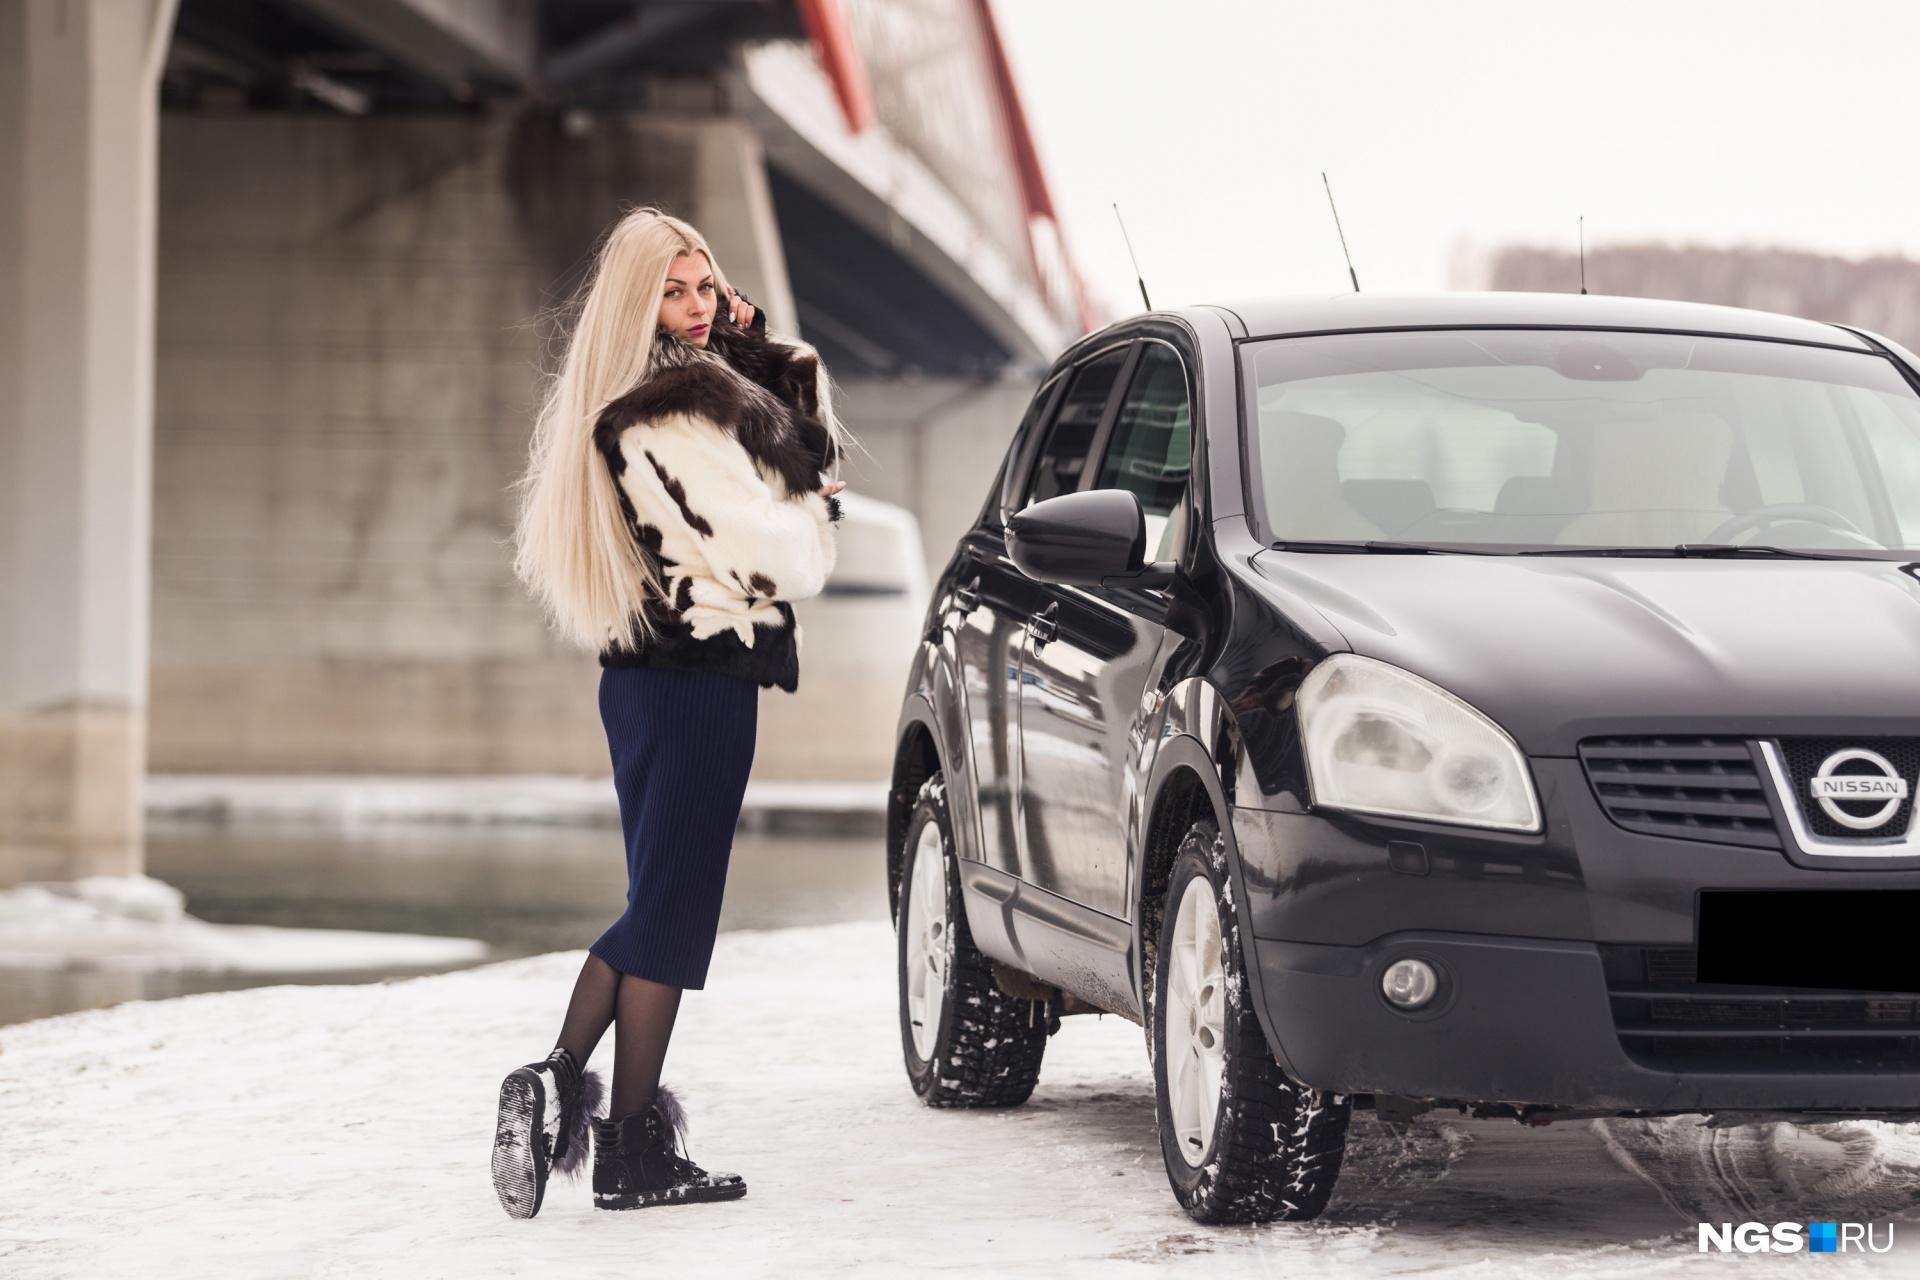 Блондинка Татьяна дороги не боится: говорит, всегда найдутся водители, которые придут на помощь